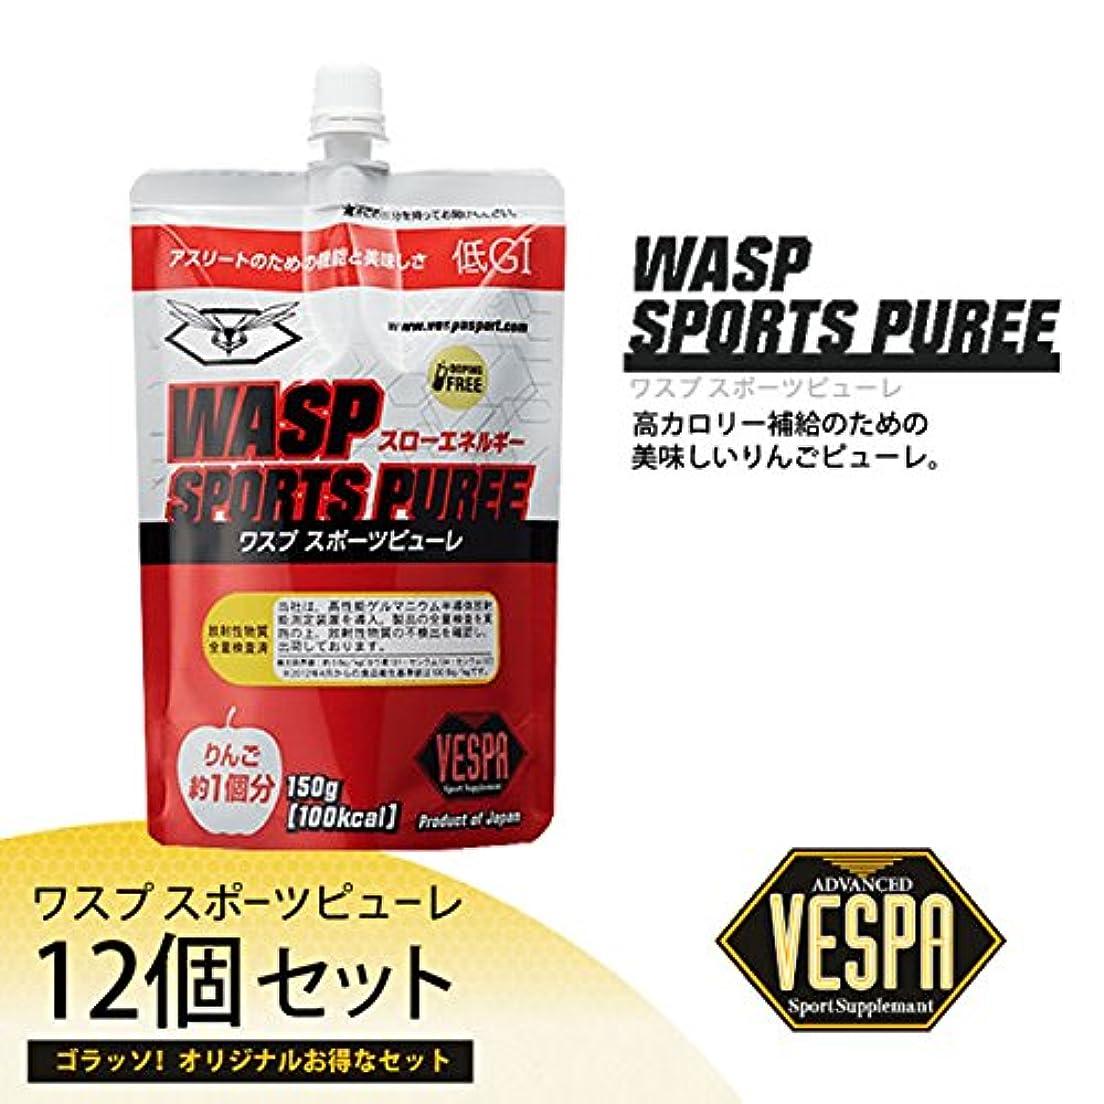 ダーベビルのテス高揚した完璧なVESPA(べスパ) WASP SPORTS PUREE(ワスプ スポーツピューレ) 150ml ×12個